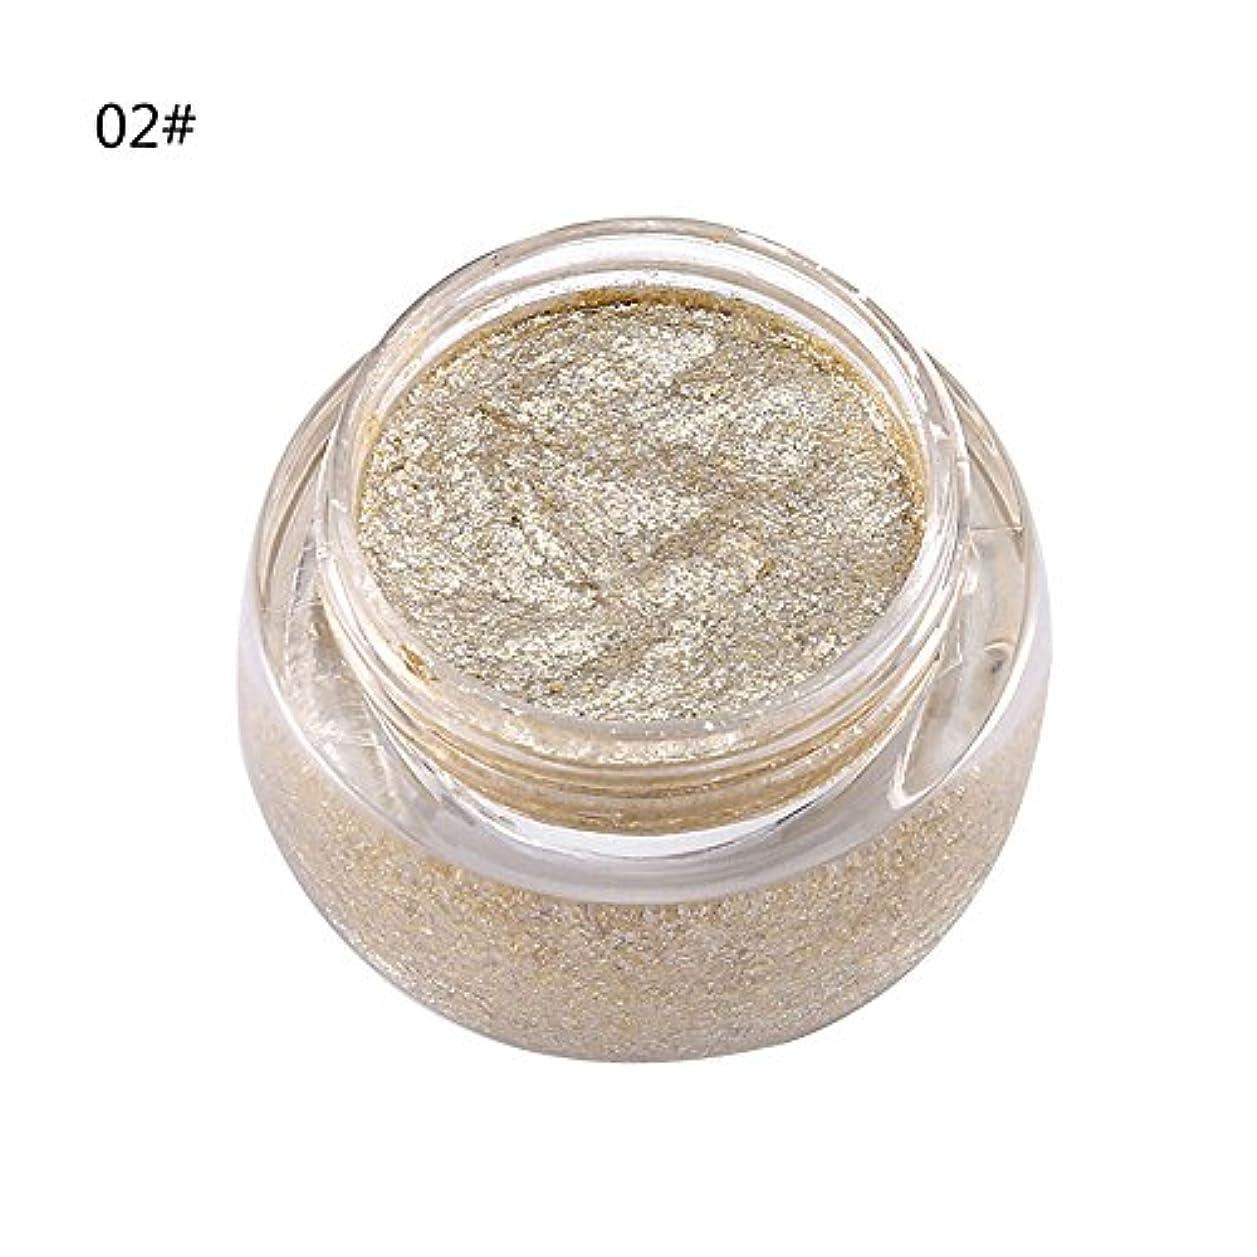 影のある想像力豊かな幻滅するアイシャドウ 単色 化粧品 光沢 保湿 キラキラ 美しい タイプ 02